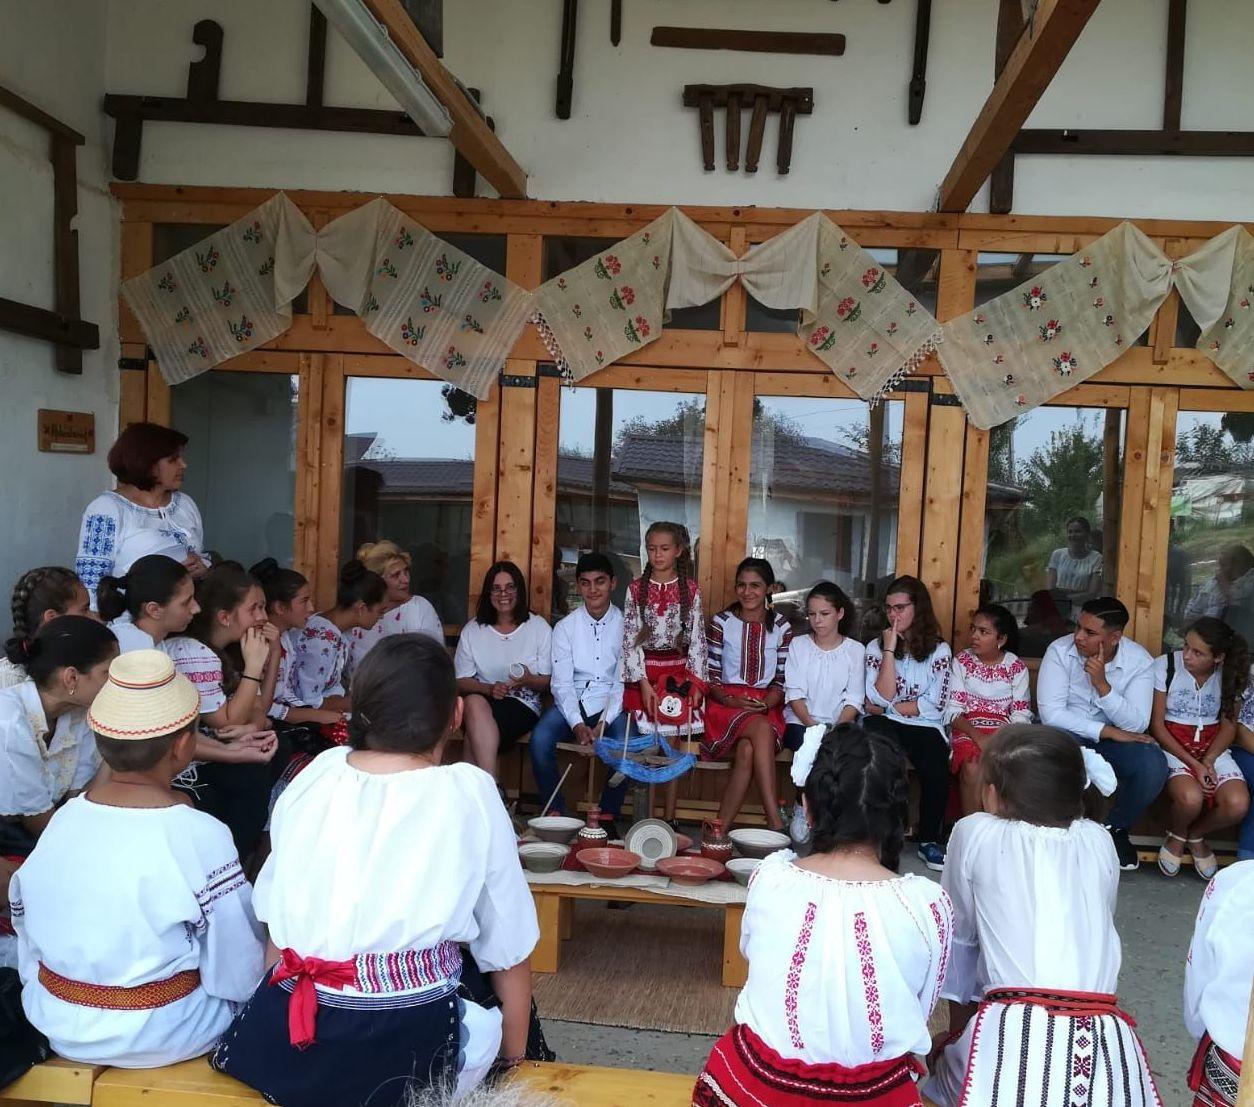 Asociația Moara de hârtie din Comana a demarat un nou proiect de educație culturală dedicat meșteșugurilor și identității locale!